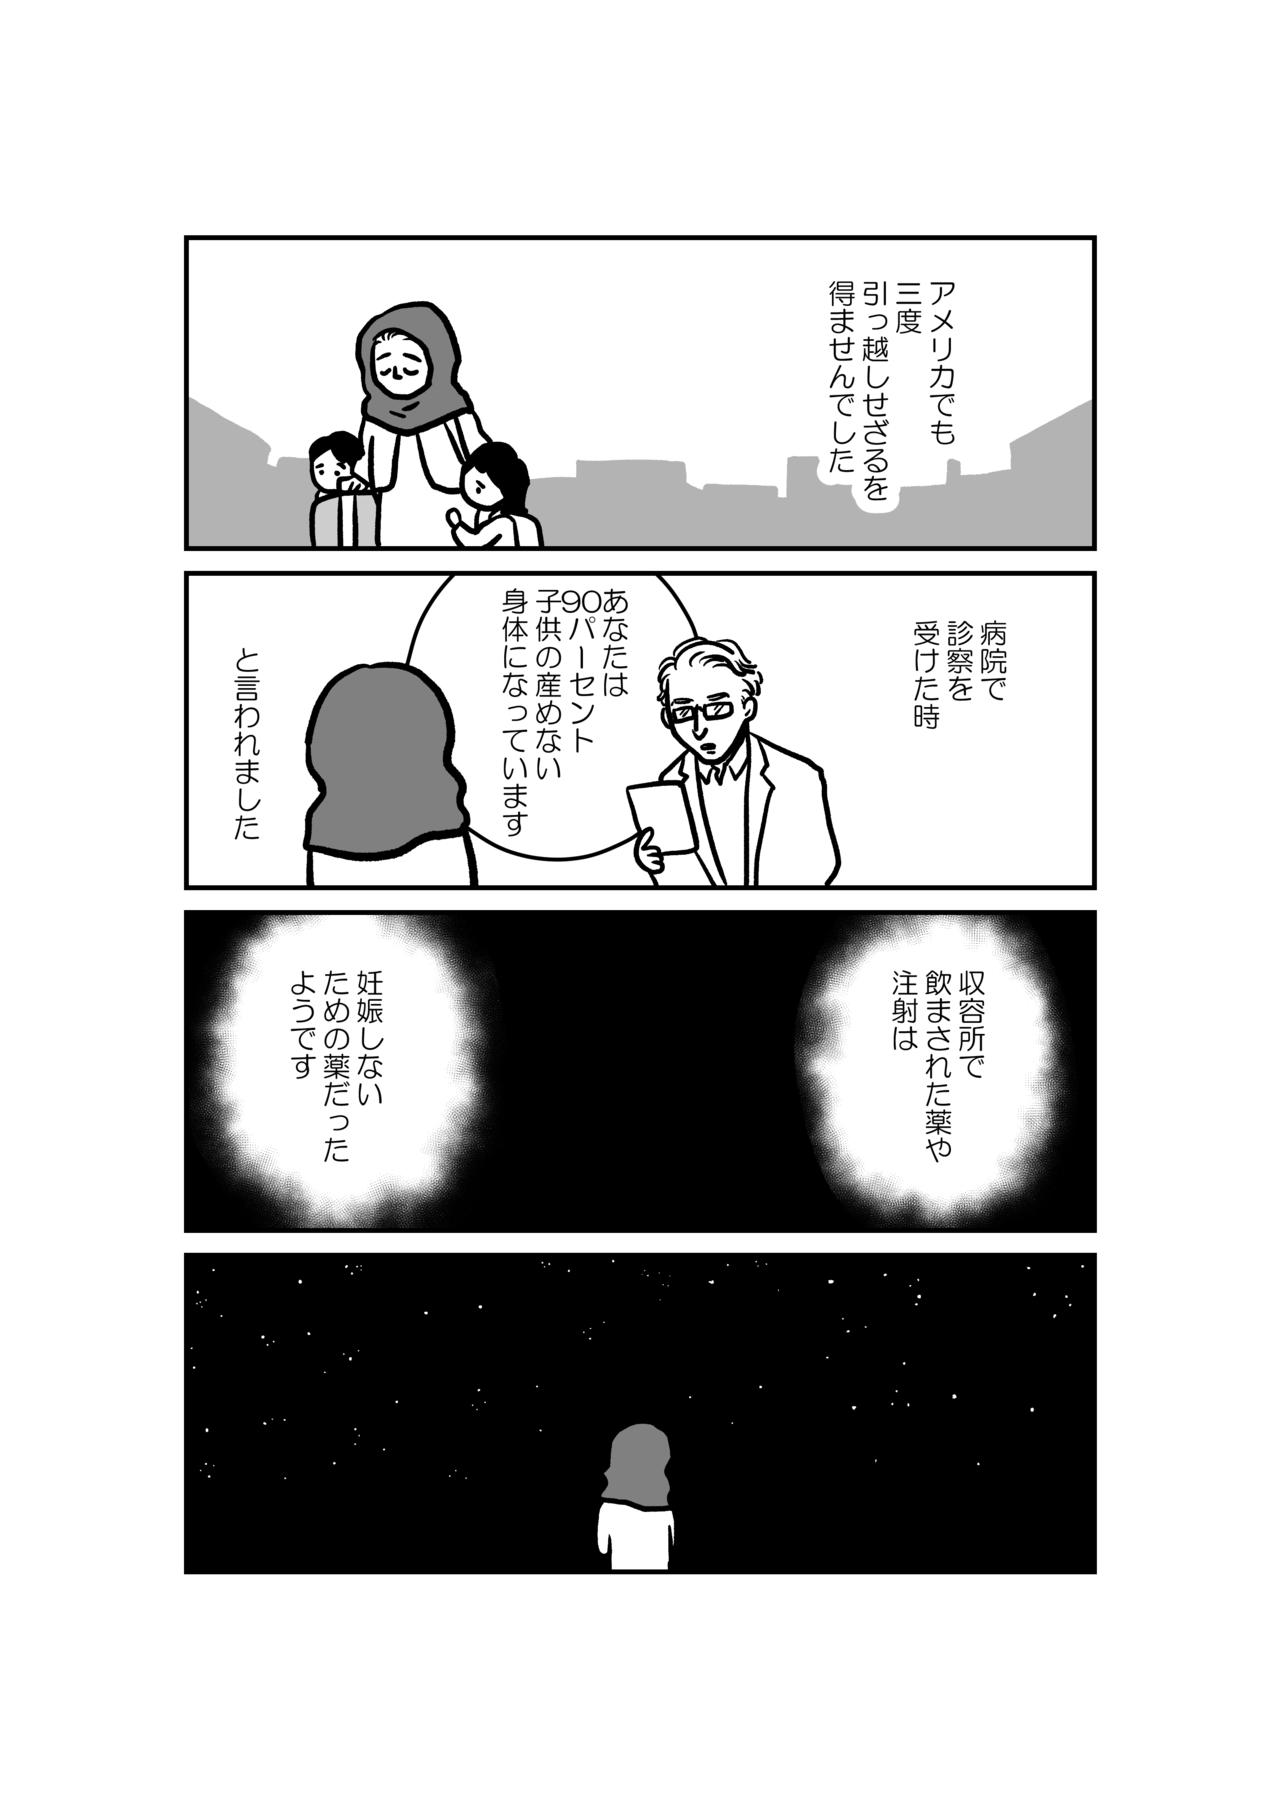 証言集会マンガ16